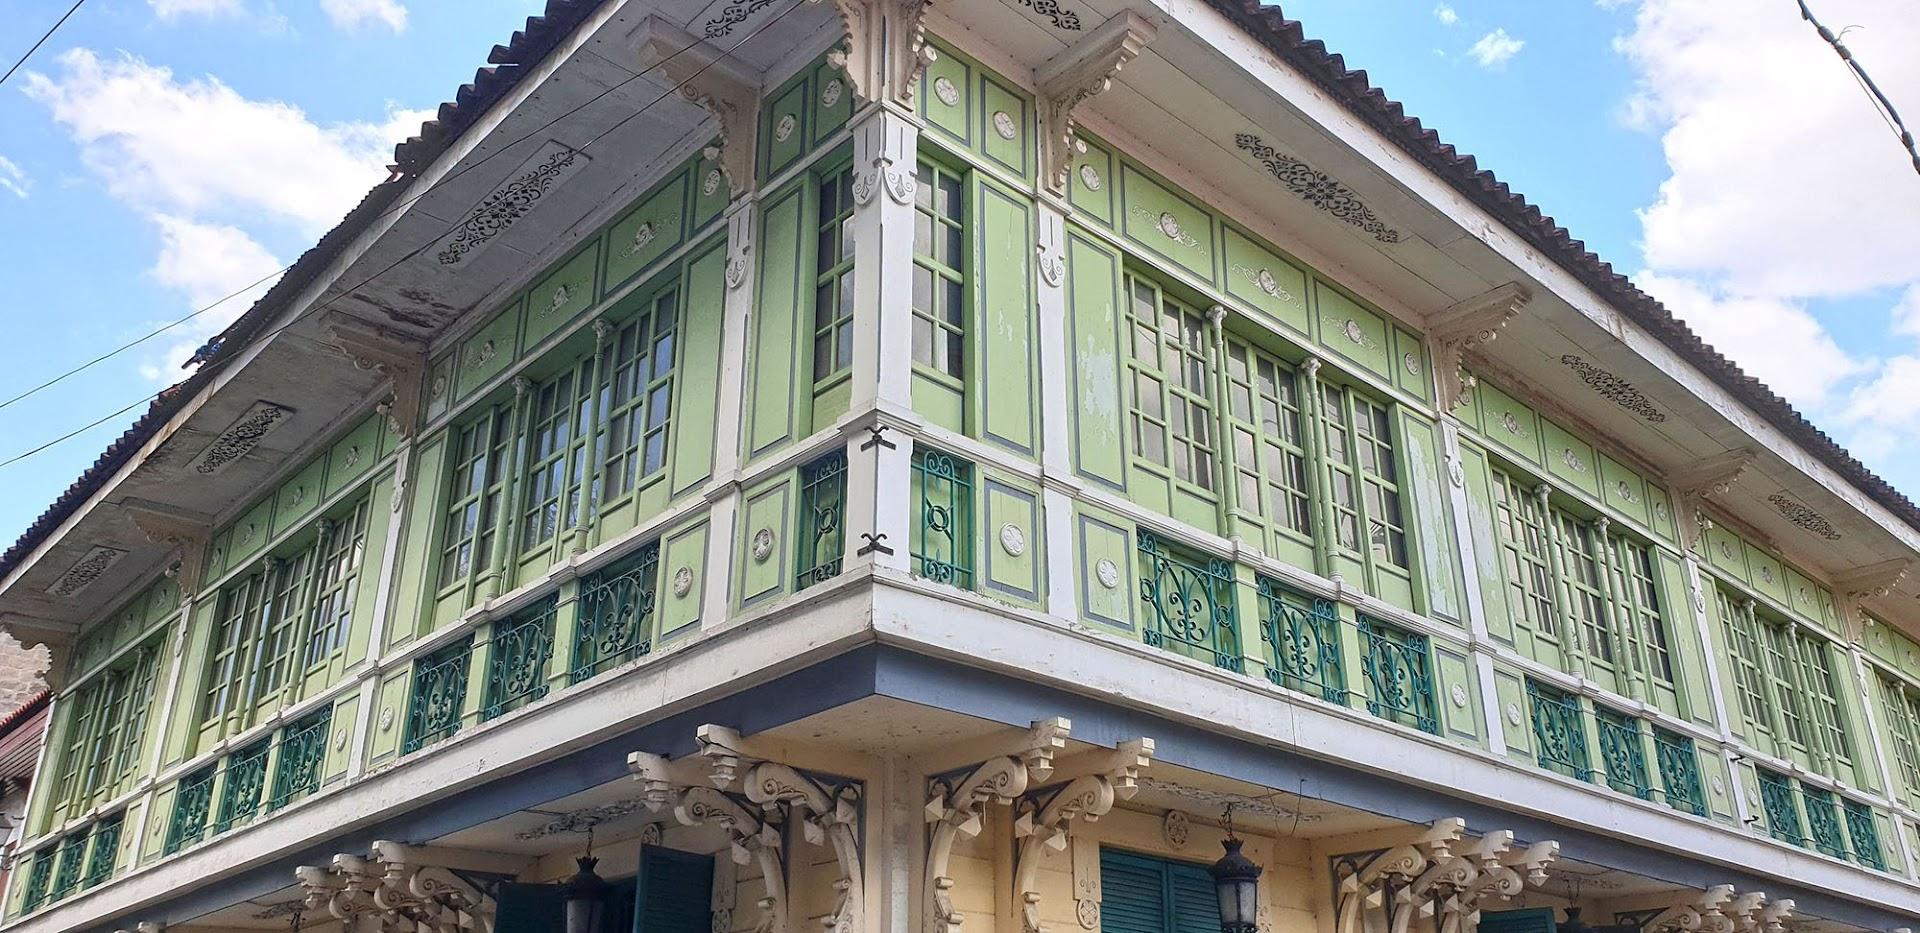 VISITAR MANILA, a caótica e emblemática capital das Filipinas